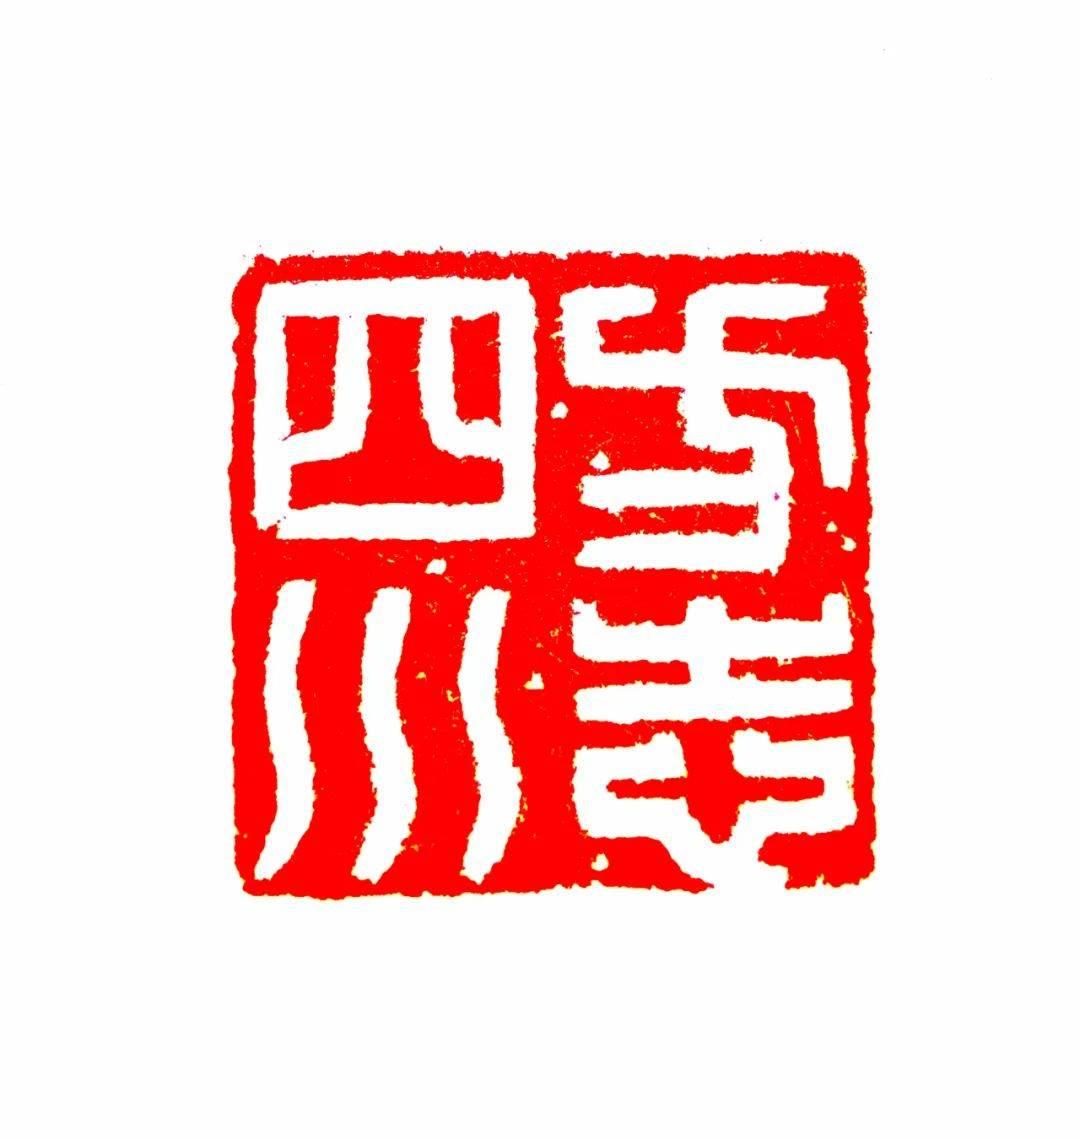 【方志四川•媒体报道】中国政府网、新华网、人民网、学习强国等媒体转发四川日报报道:四川省完成第二轮修志重大文化工程